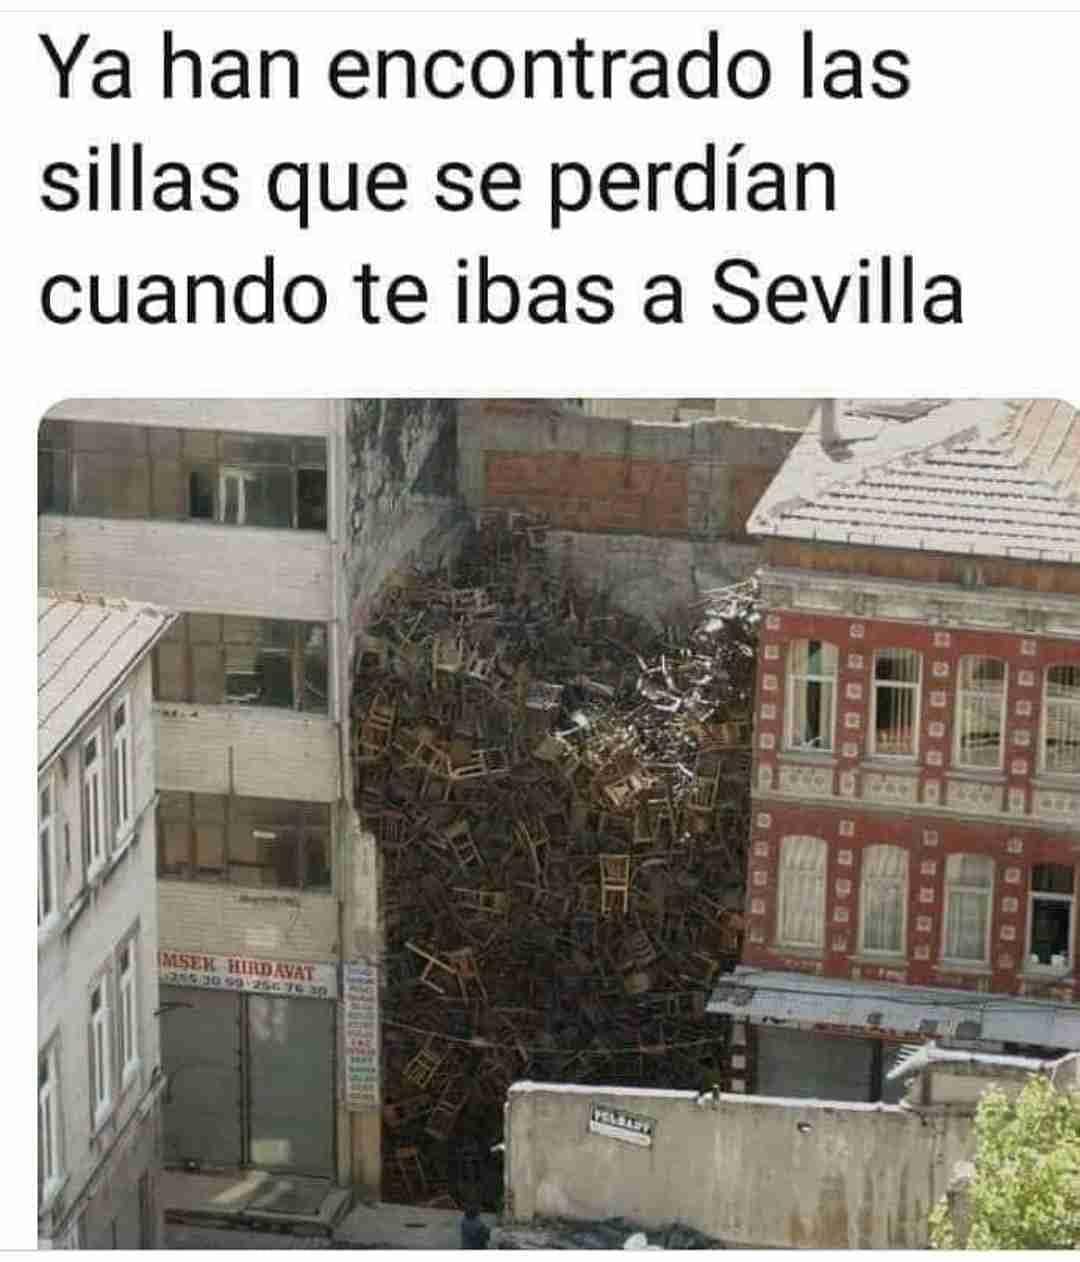 Ya han encontrado las sillas que se perdían cuando te ibas a Sevilla.